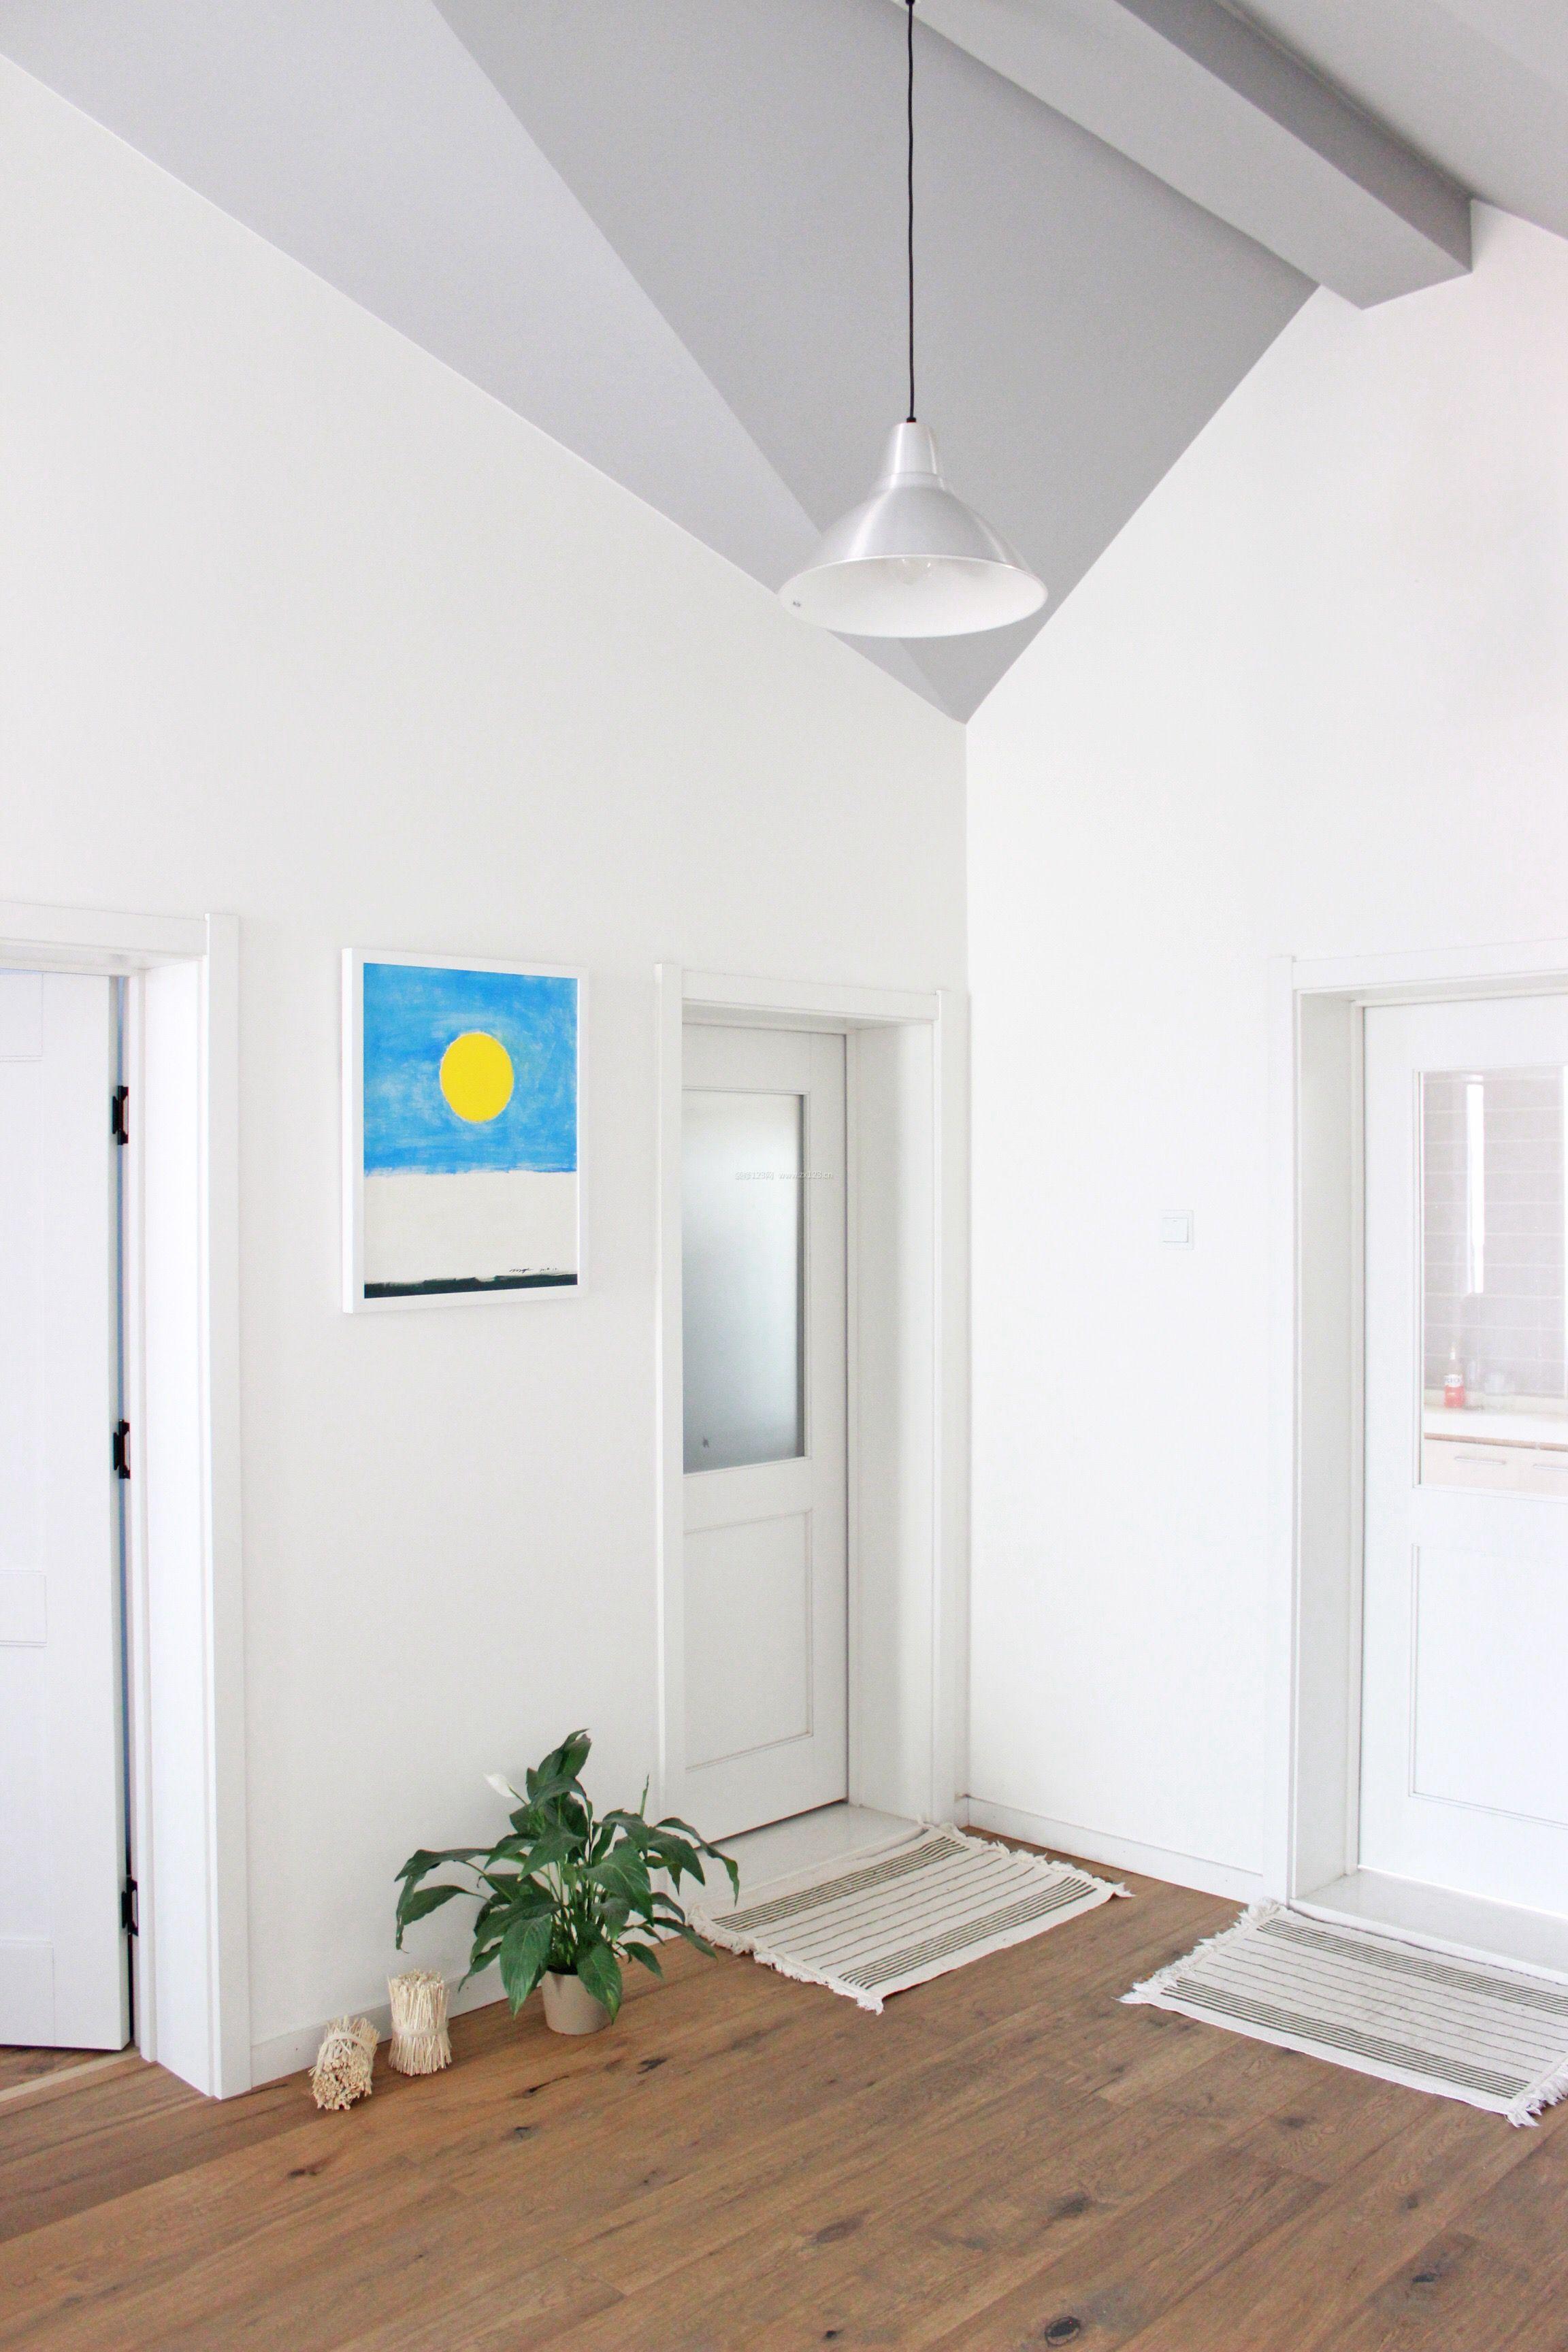 北欧风格家居白色墙面装修效果图片